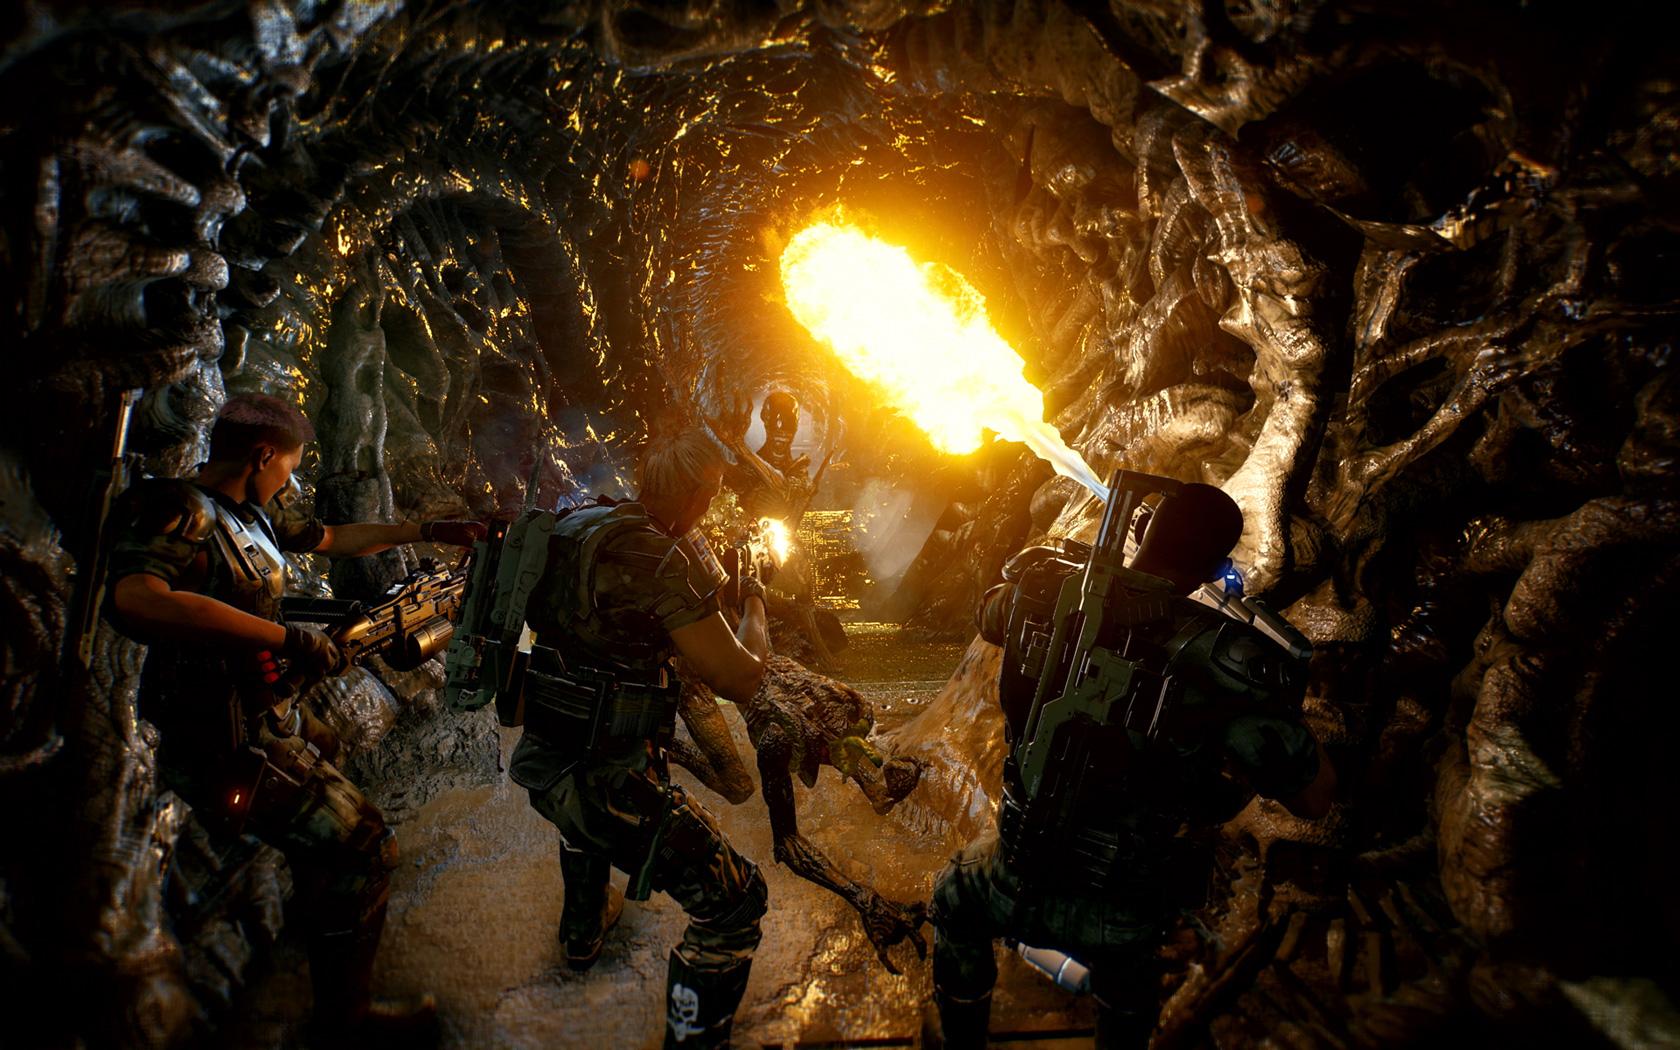 Free Aliens: Fireteam Elite Wallpaper in 1680x1050